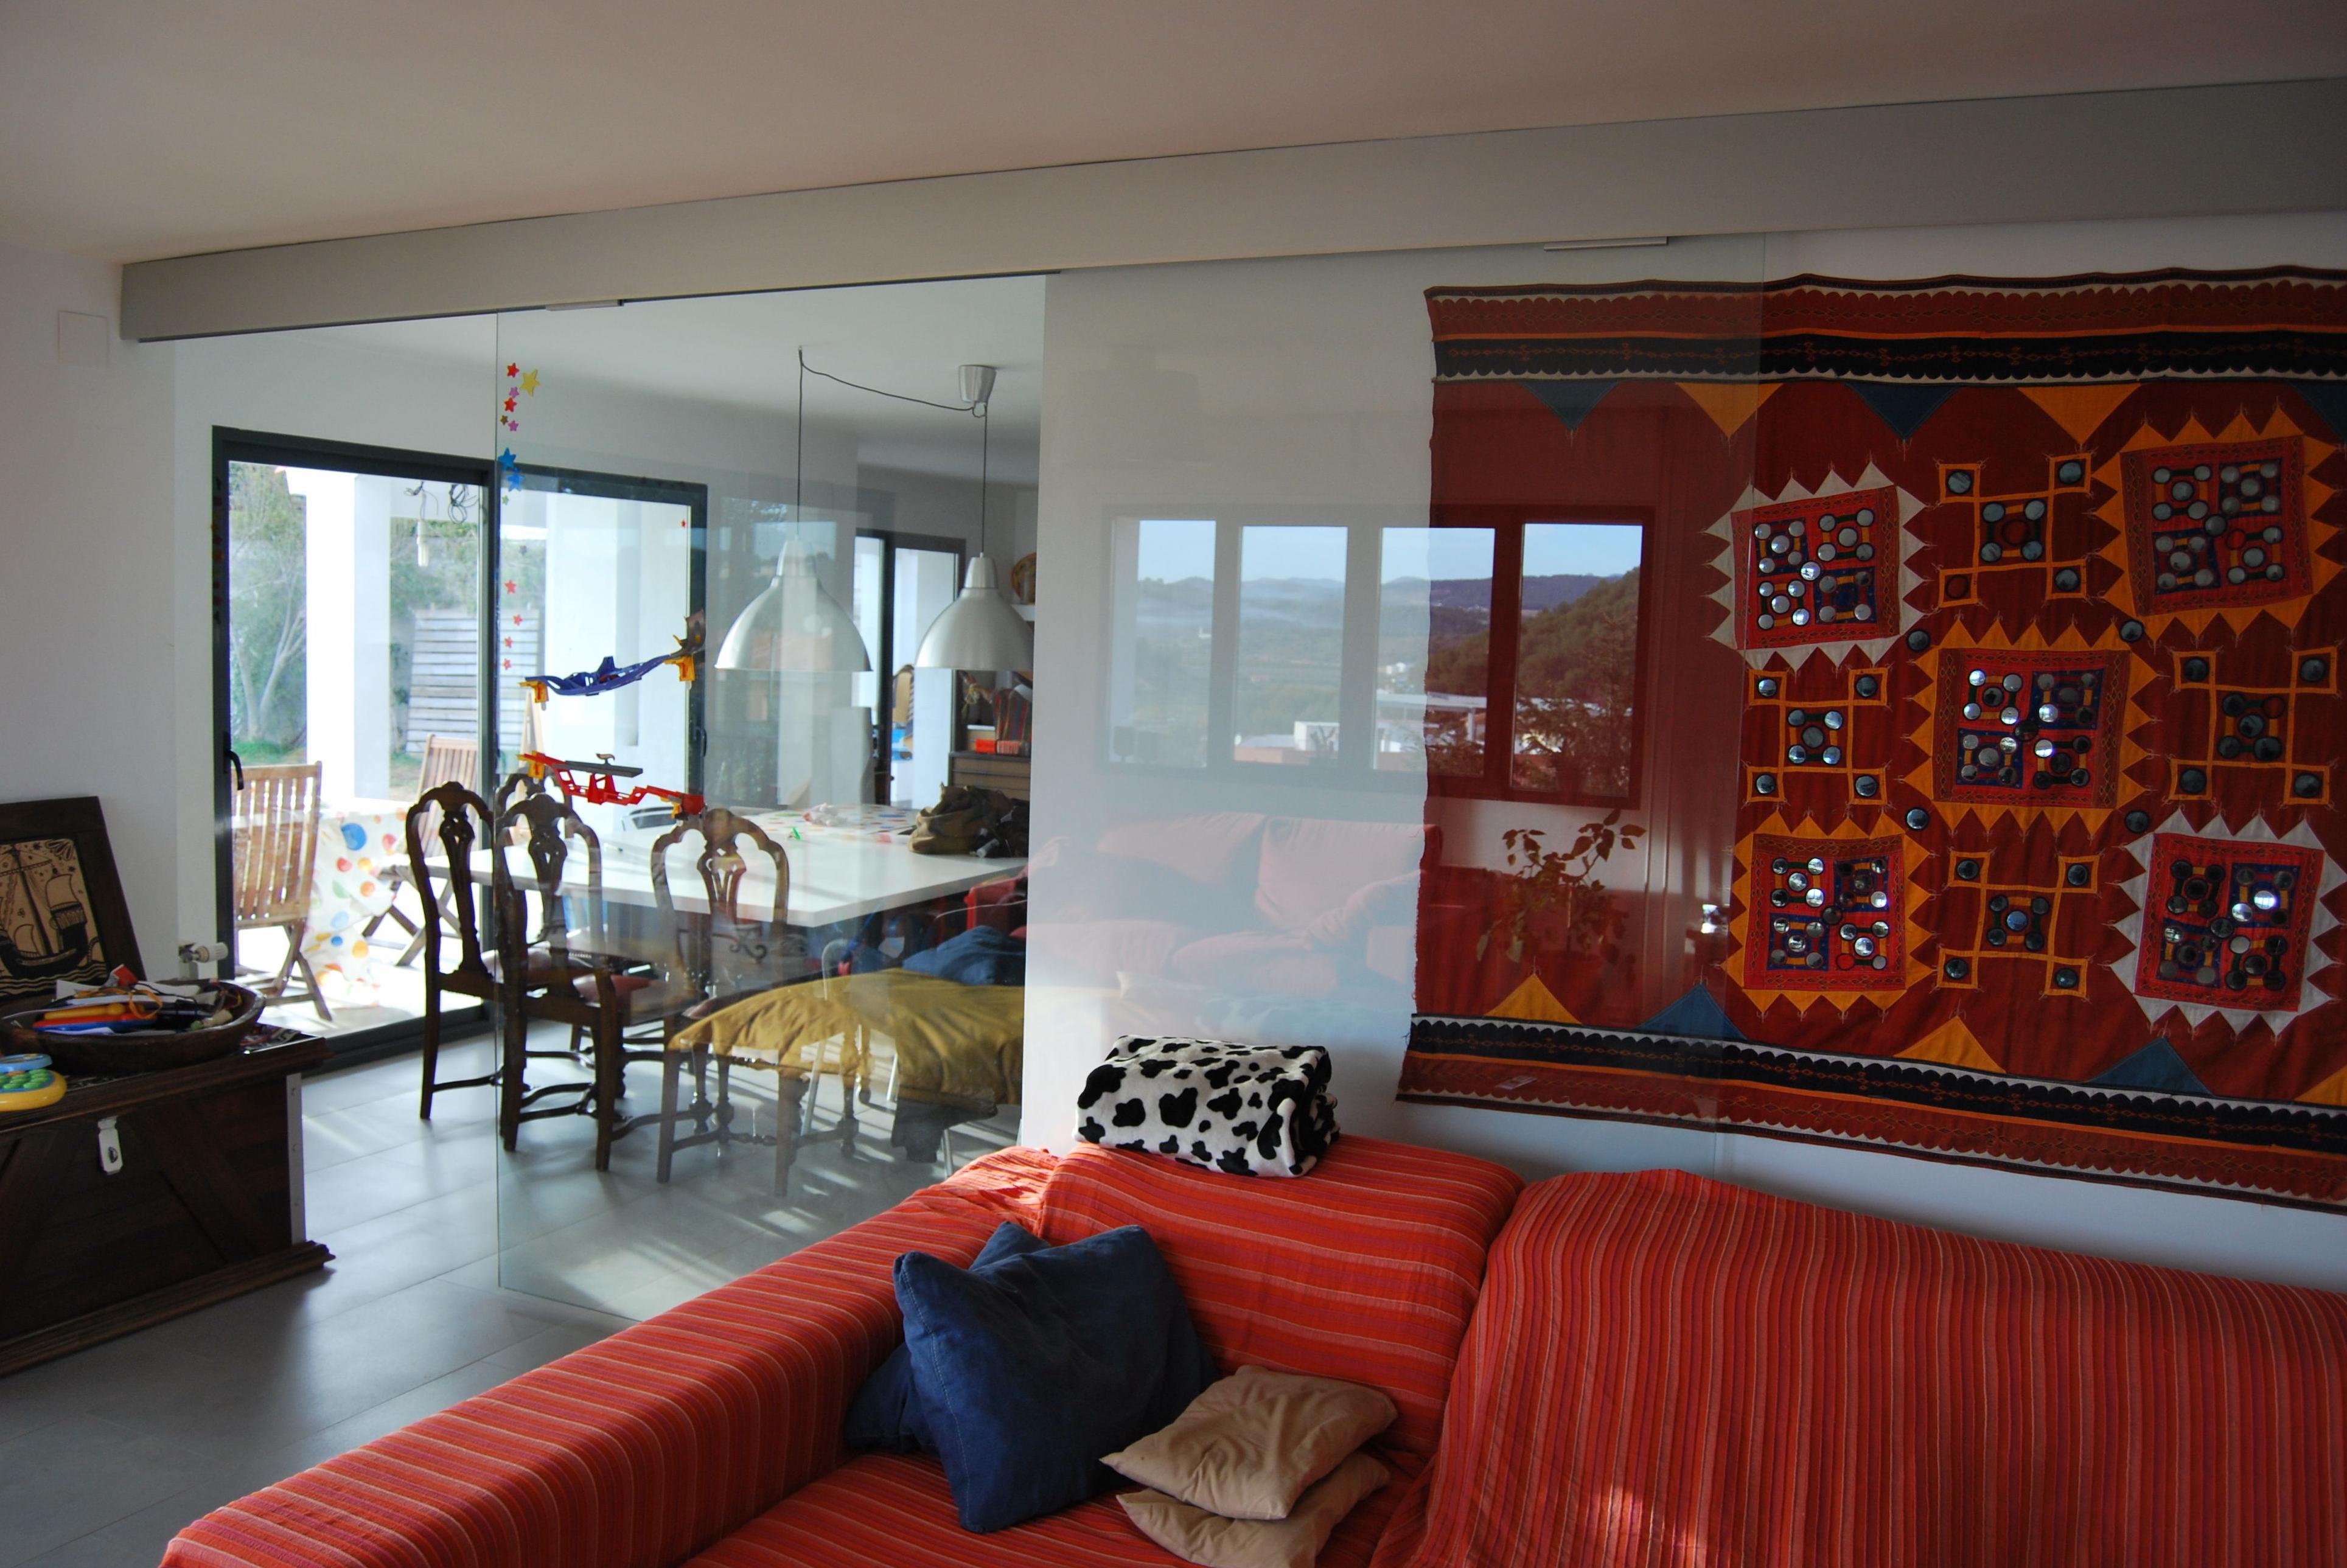 Puerta corredera de vidrio de mas de 120 kgs. consulte mas productos en nuestra web www.rafelmetal.es